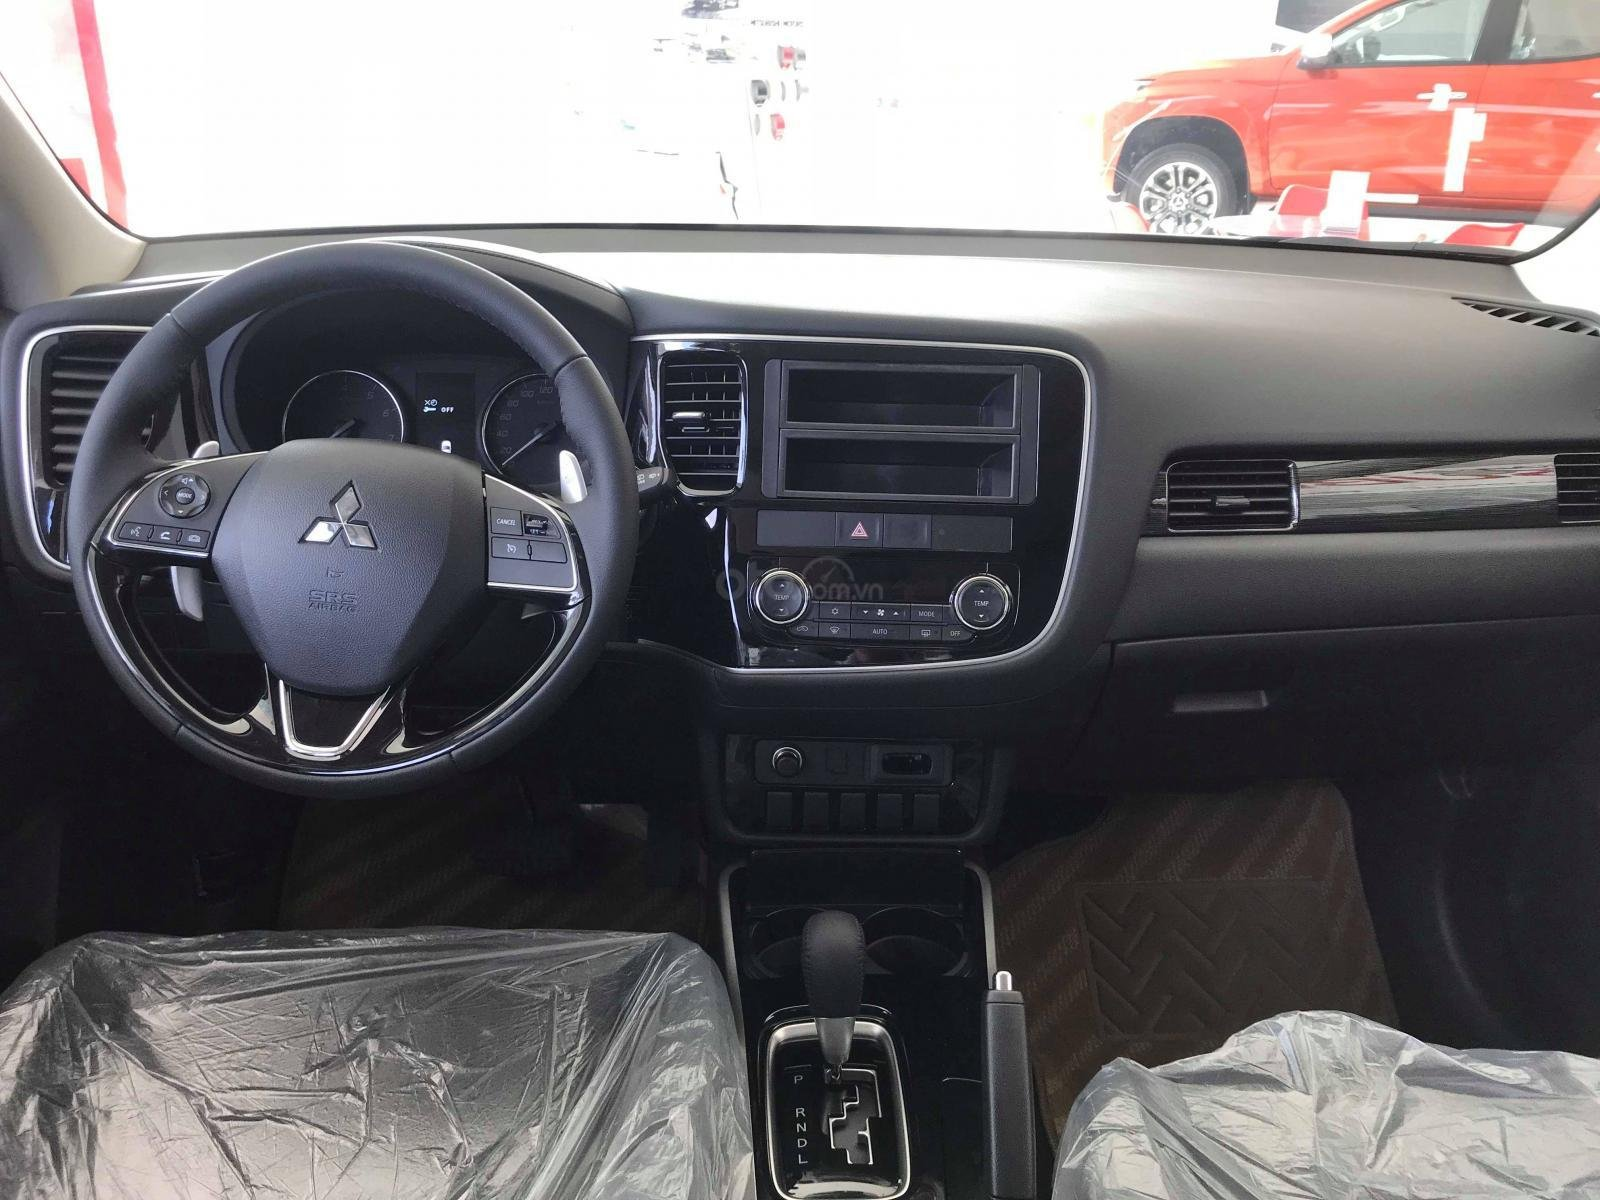 Cần bán Mitsubishi Outlander CVT 2.0 Prenium 2019, giá 908tr, KM tốt nhất. LH: 0964221243 (2)